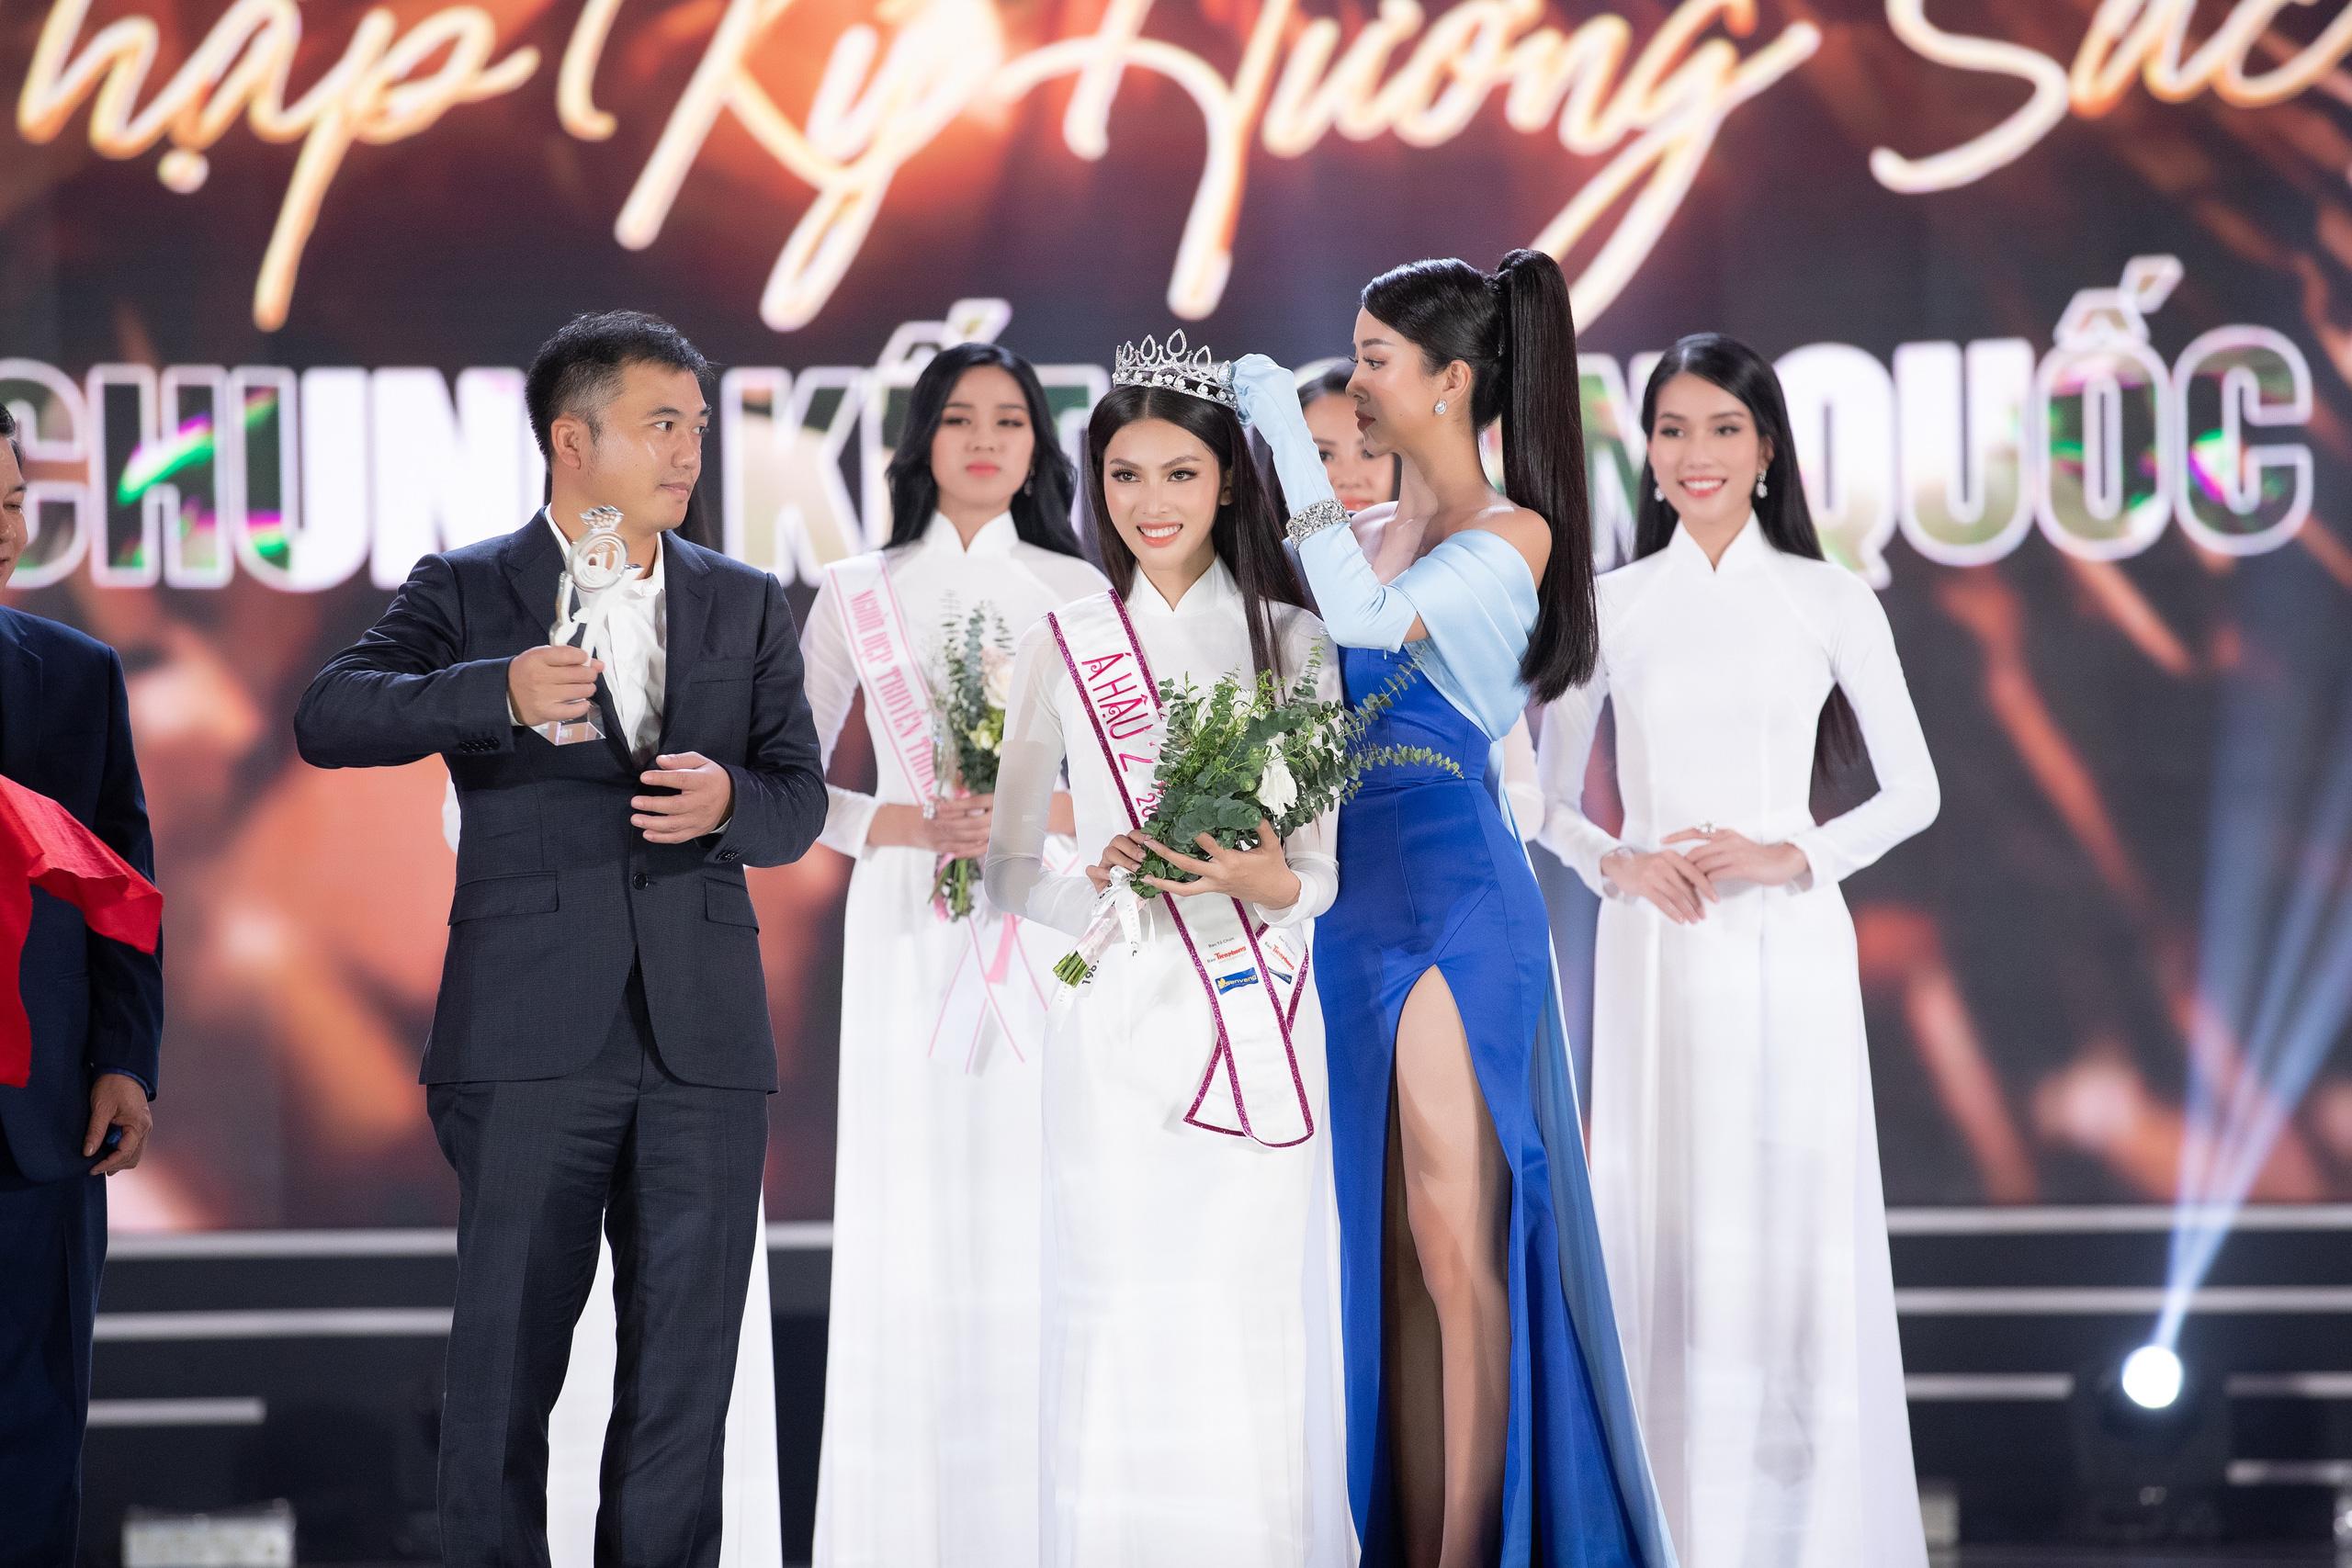 Chung kết HHVN 2020 chọn áo dài trắng nhạt nhoà làm trang phục đăng quang, khiến người xem thắc mắc: Giải Hoa khôi trường hay gì? - Ảnh 5.